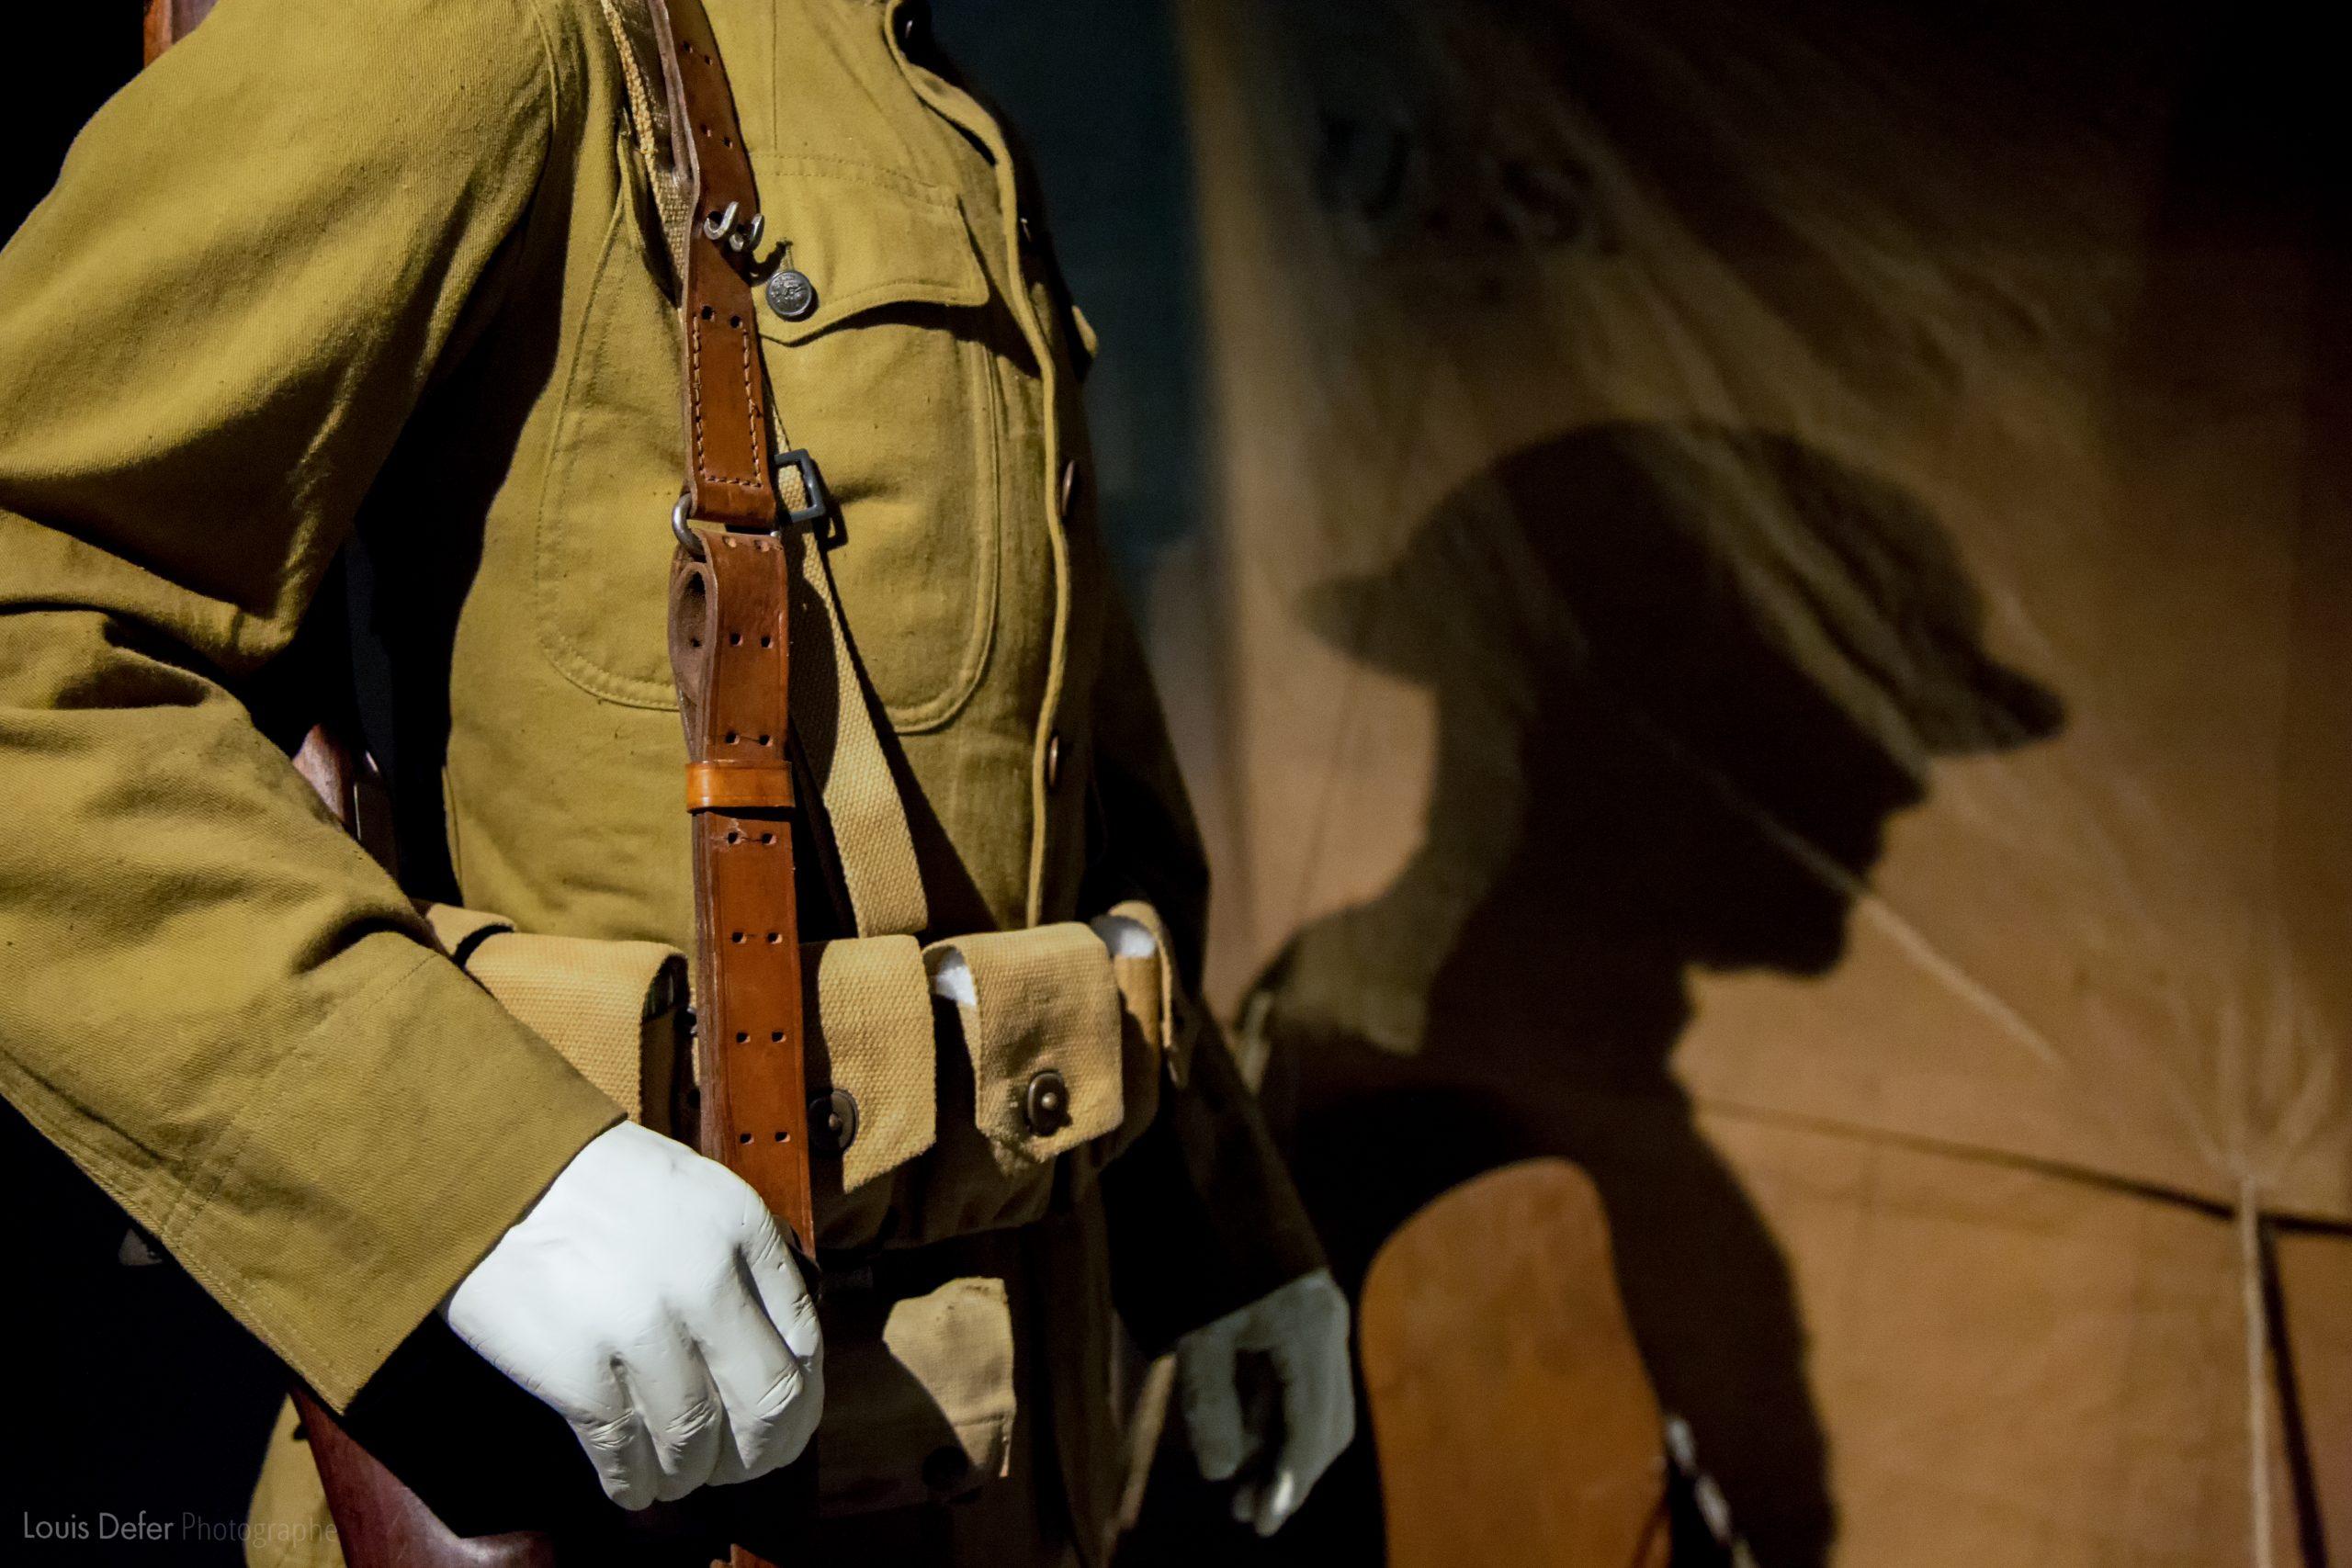 louis-defer-photographe-blois-41-reportage-musee-de-la-grande-guerre-meaux-77